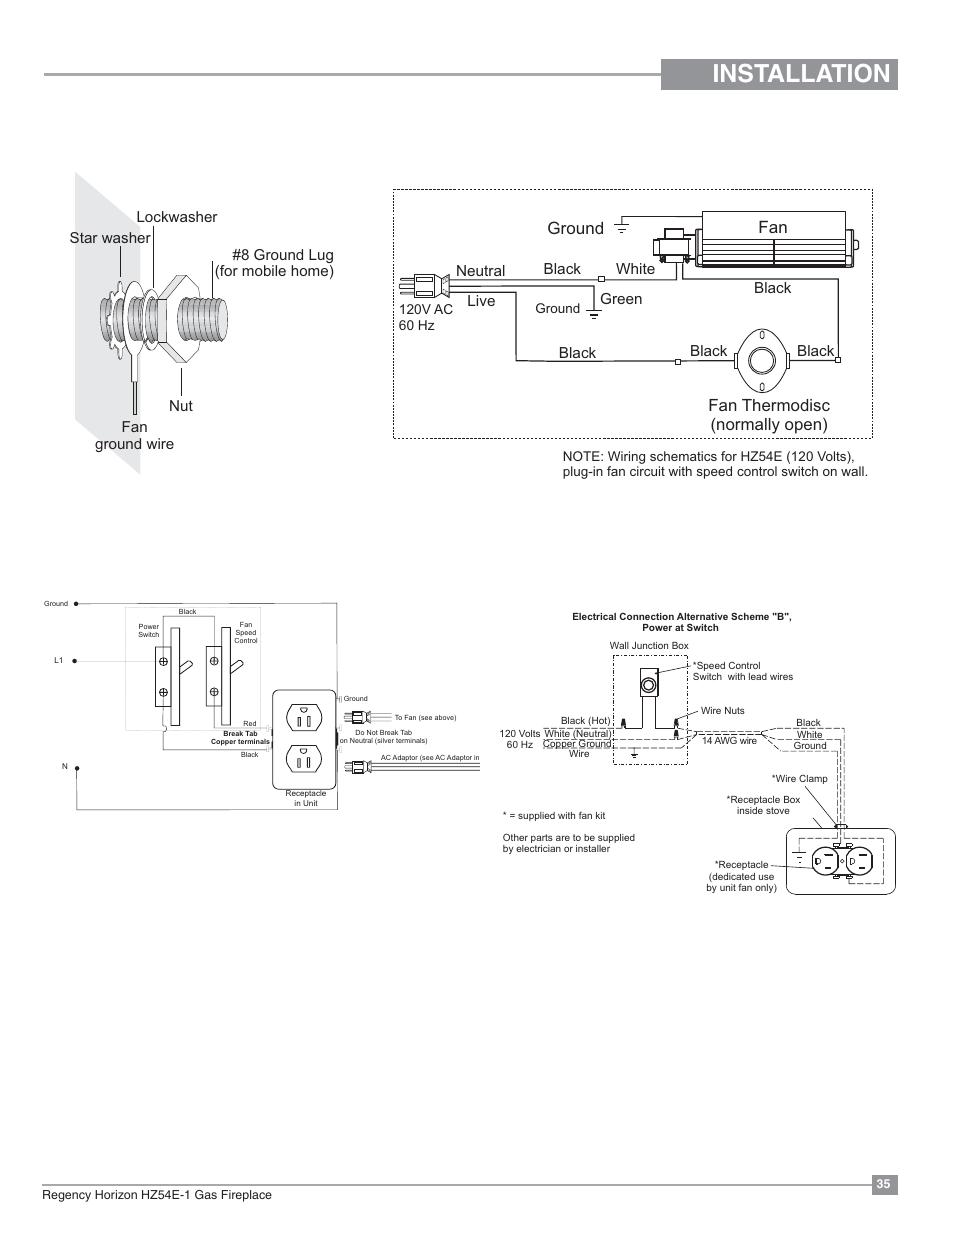 Wiring Diagram Ga Fireplace